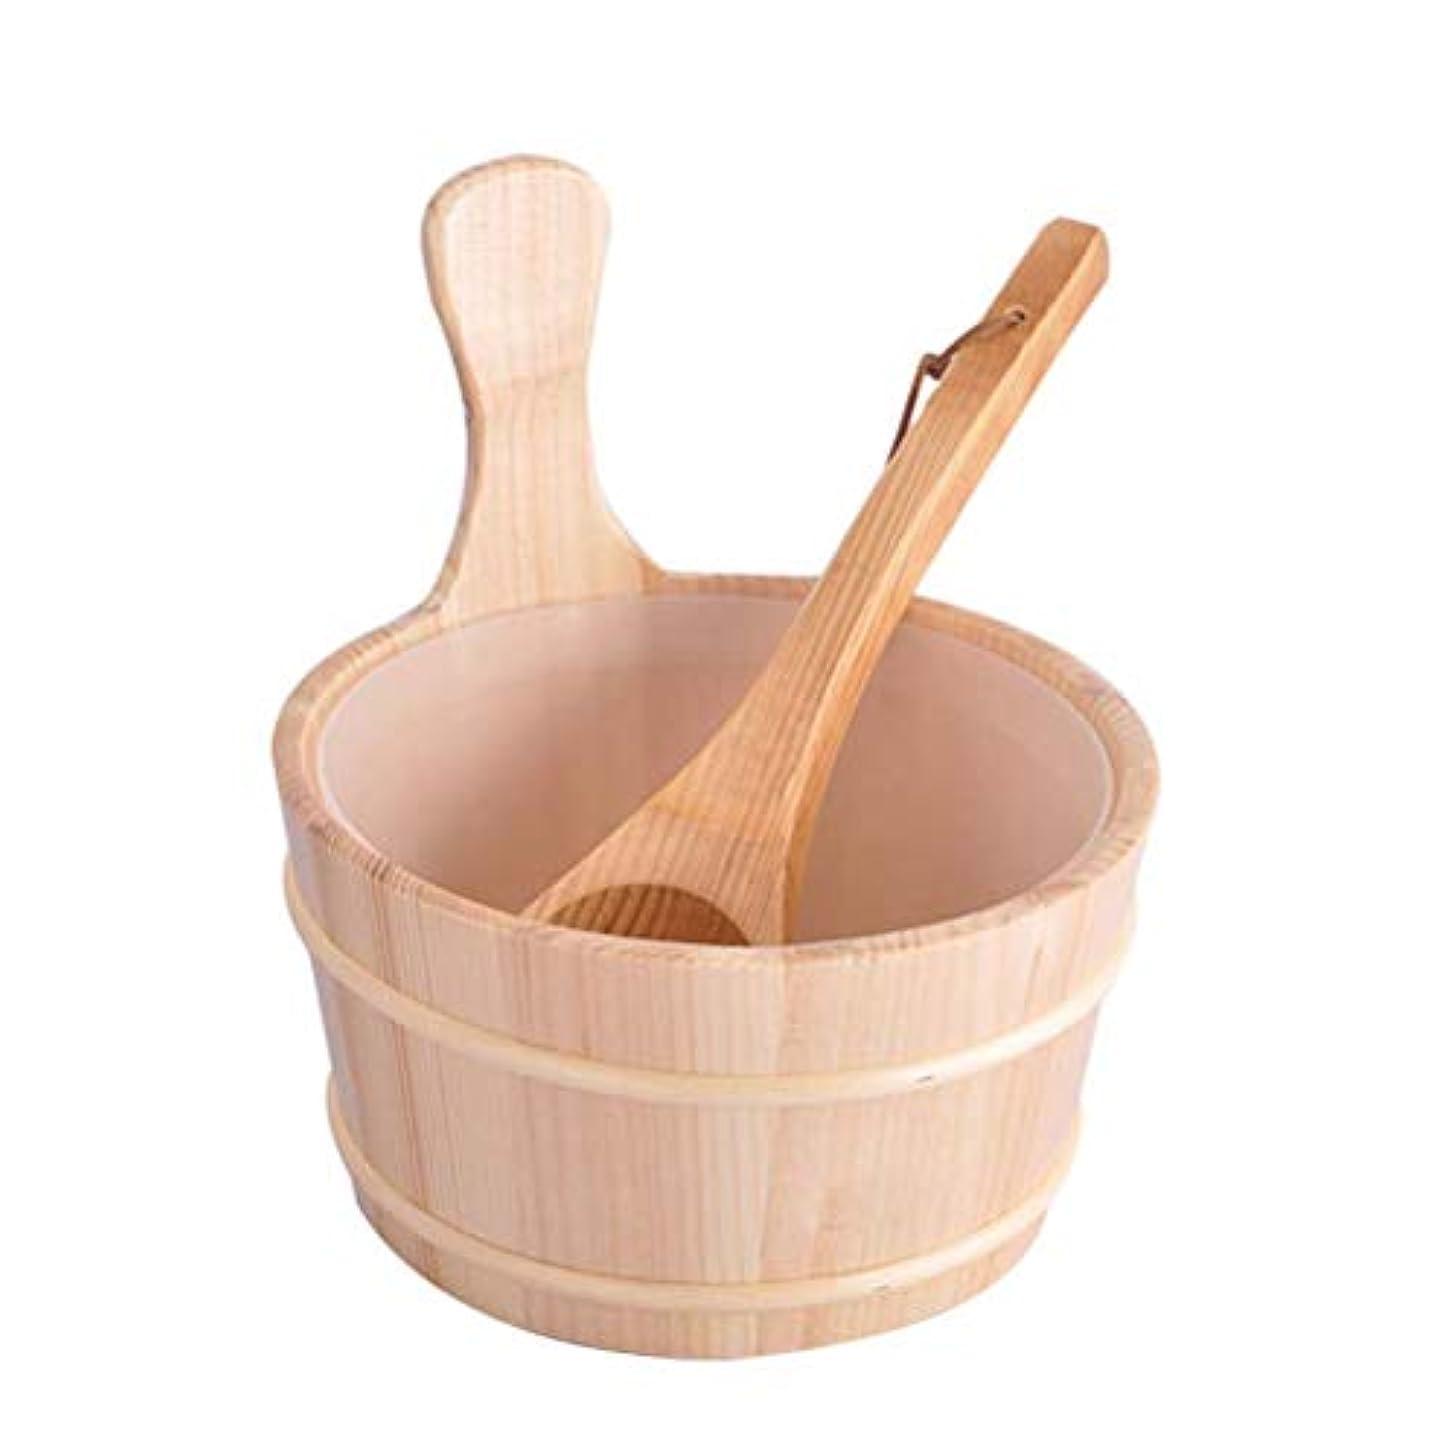 悪意についてつぼみHealifty 木製バケツスプーン入浴バレルセットバケツ2個(ニュートラルスタイル)